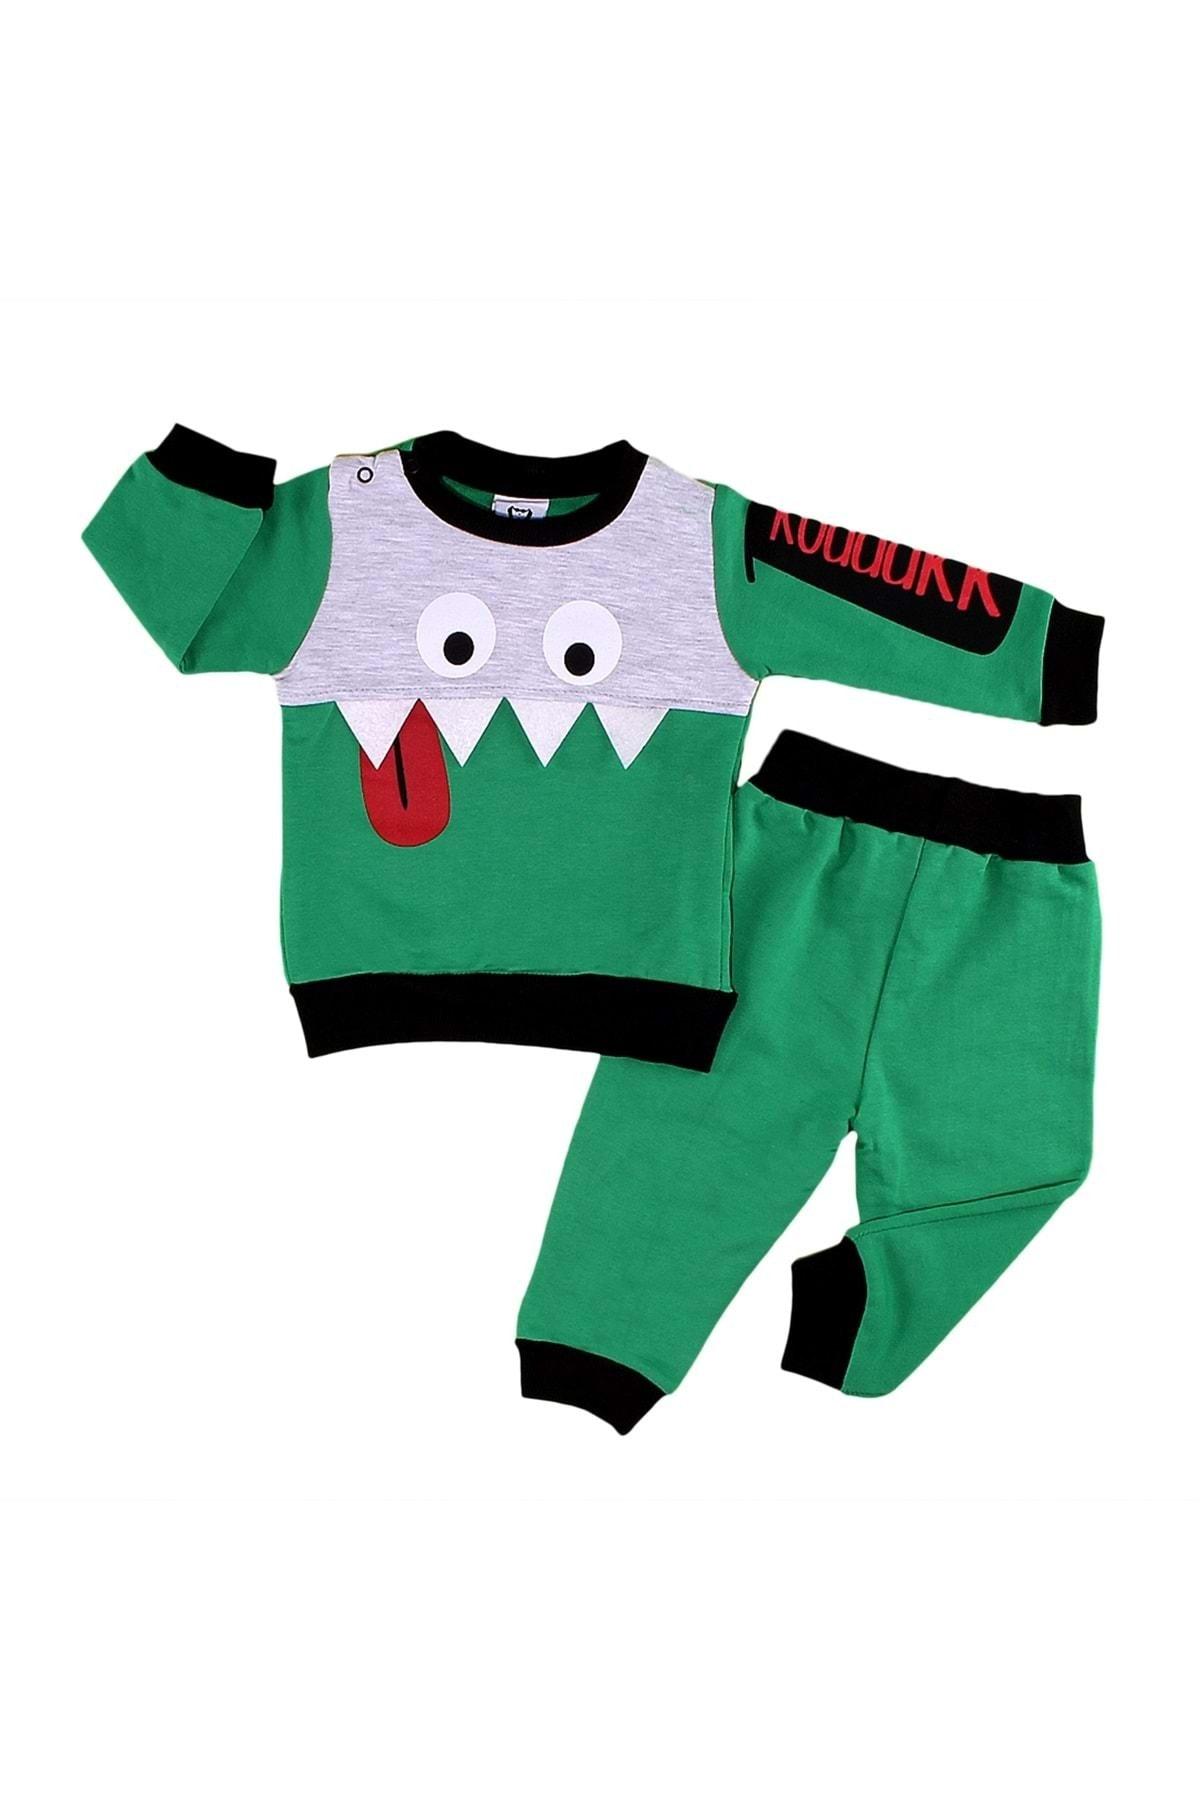 Babyboy Şımarık Canavar Baskılı 2li Erkek Bebek Takım - Yeşil - 9-12 Aylık 1